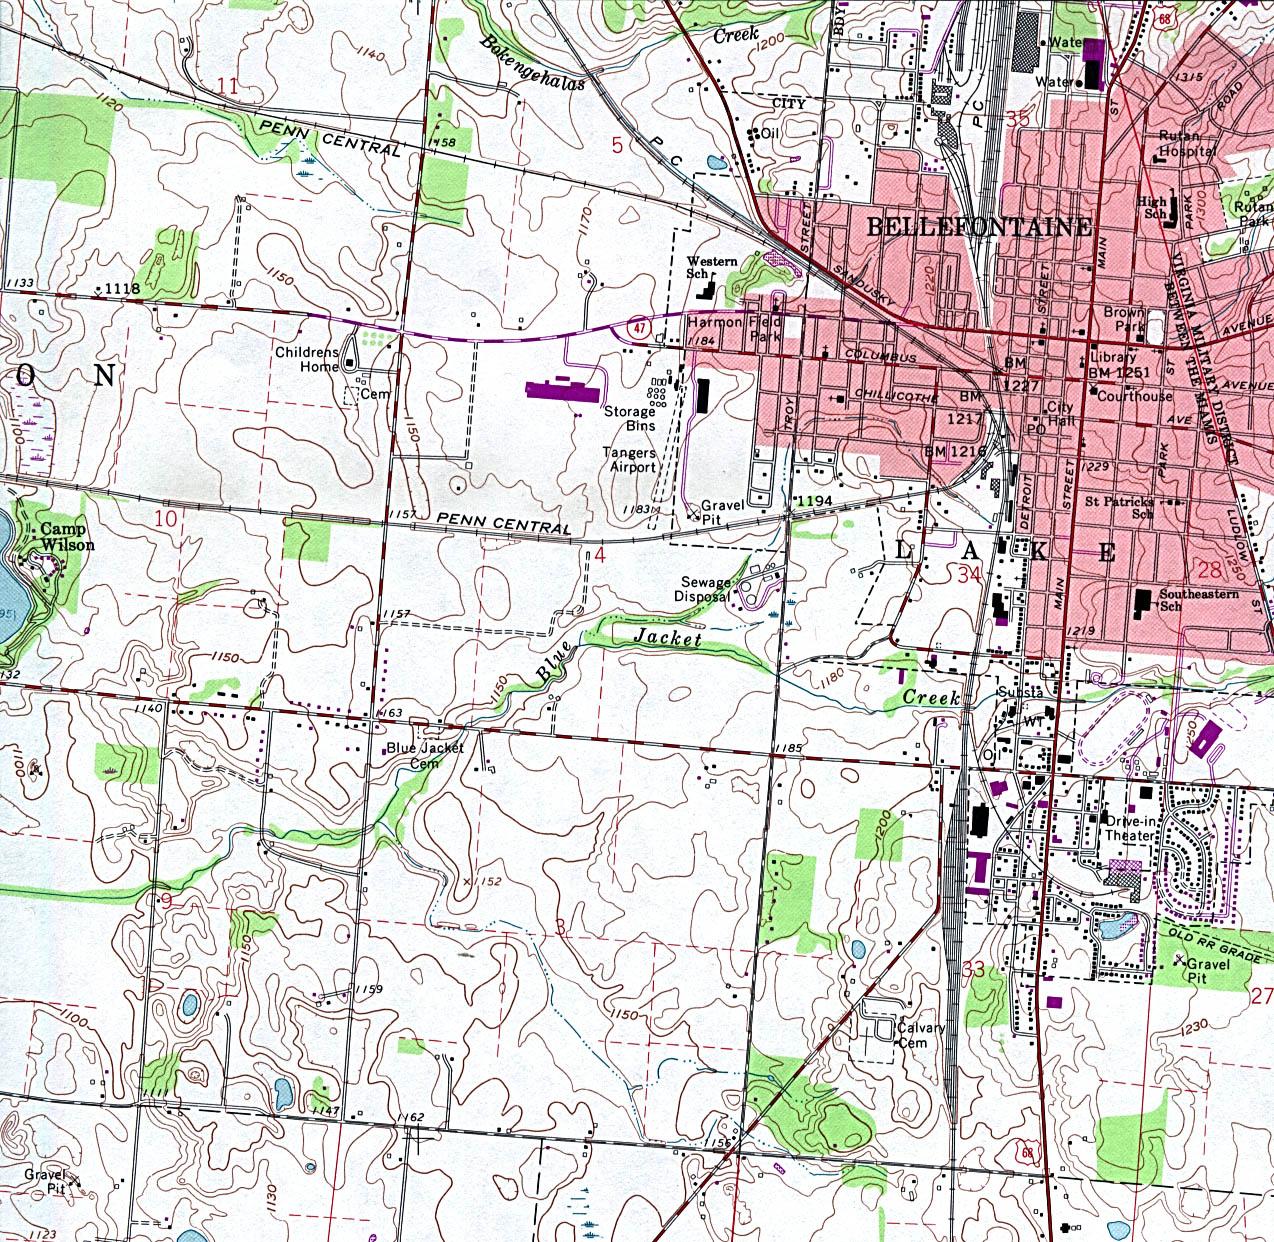 Mapa Topográfico de la Ciudad de Bellefontaine, Ohio, Estados Unidos